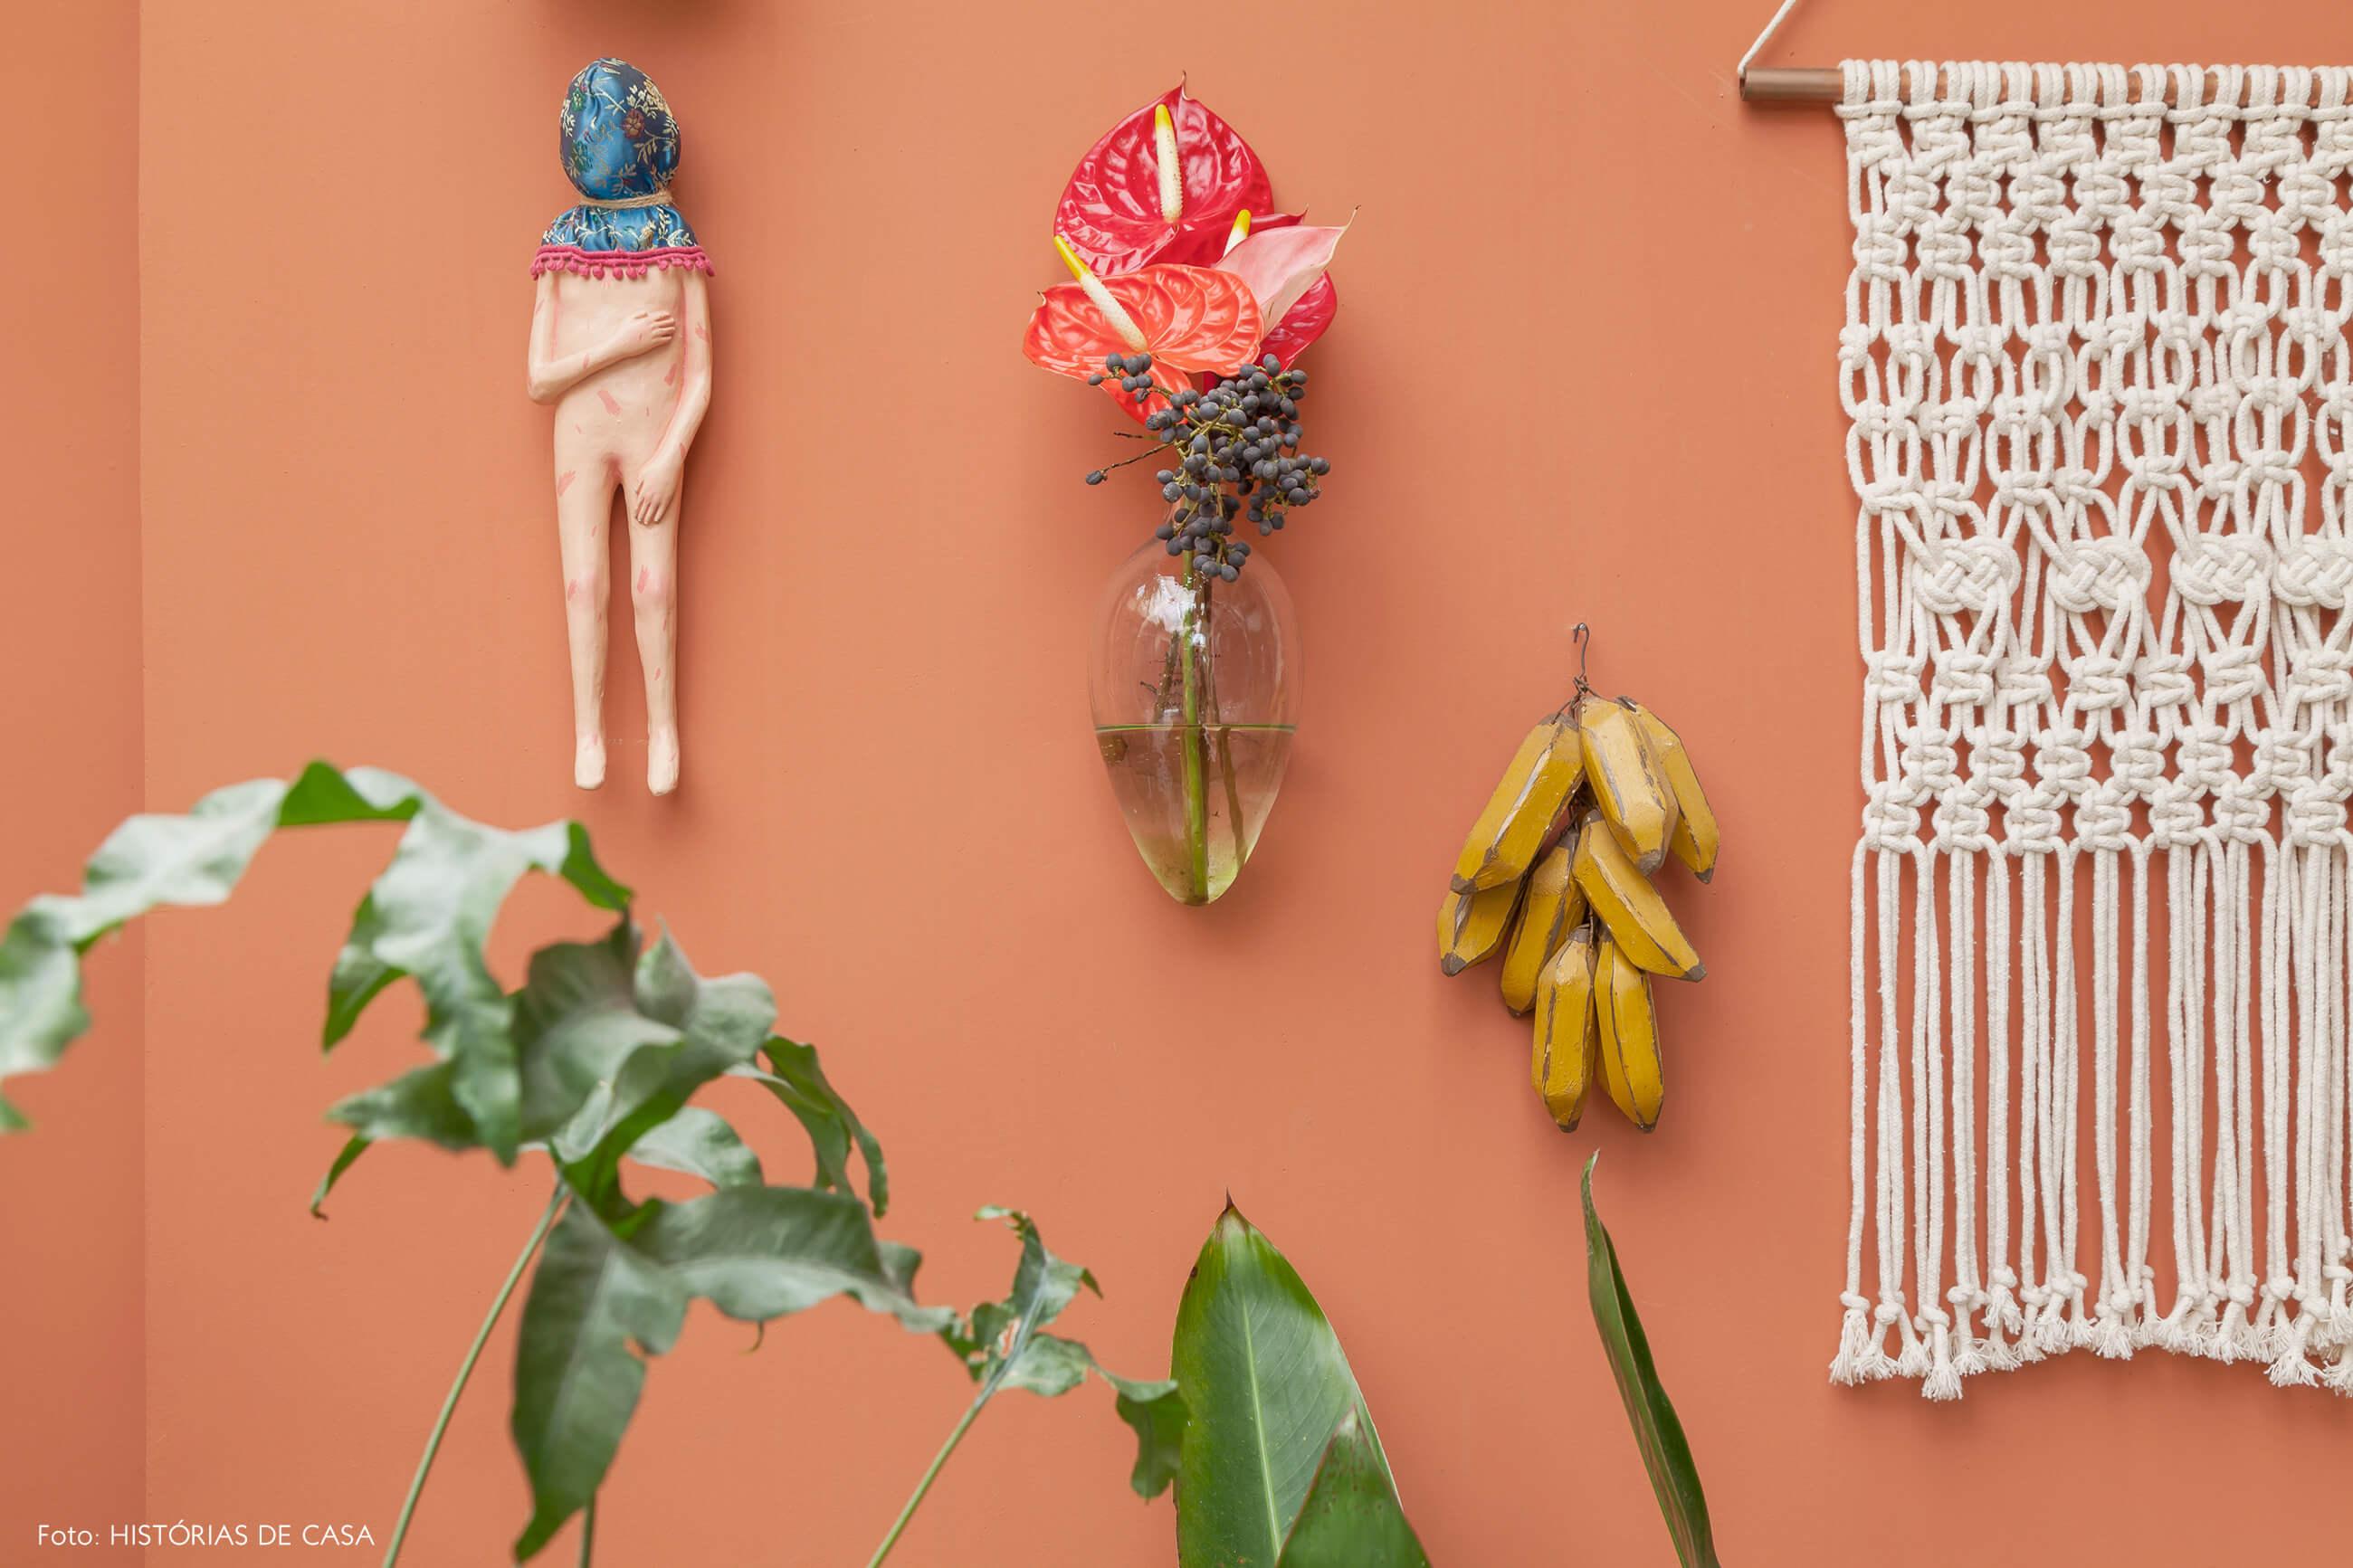 Parede pintada e pequenos objetos decorativos pendurados